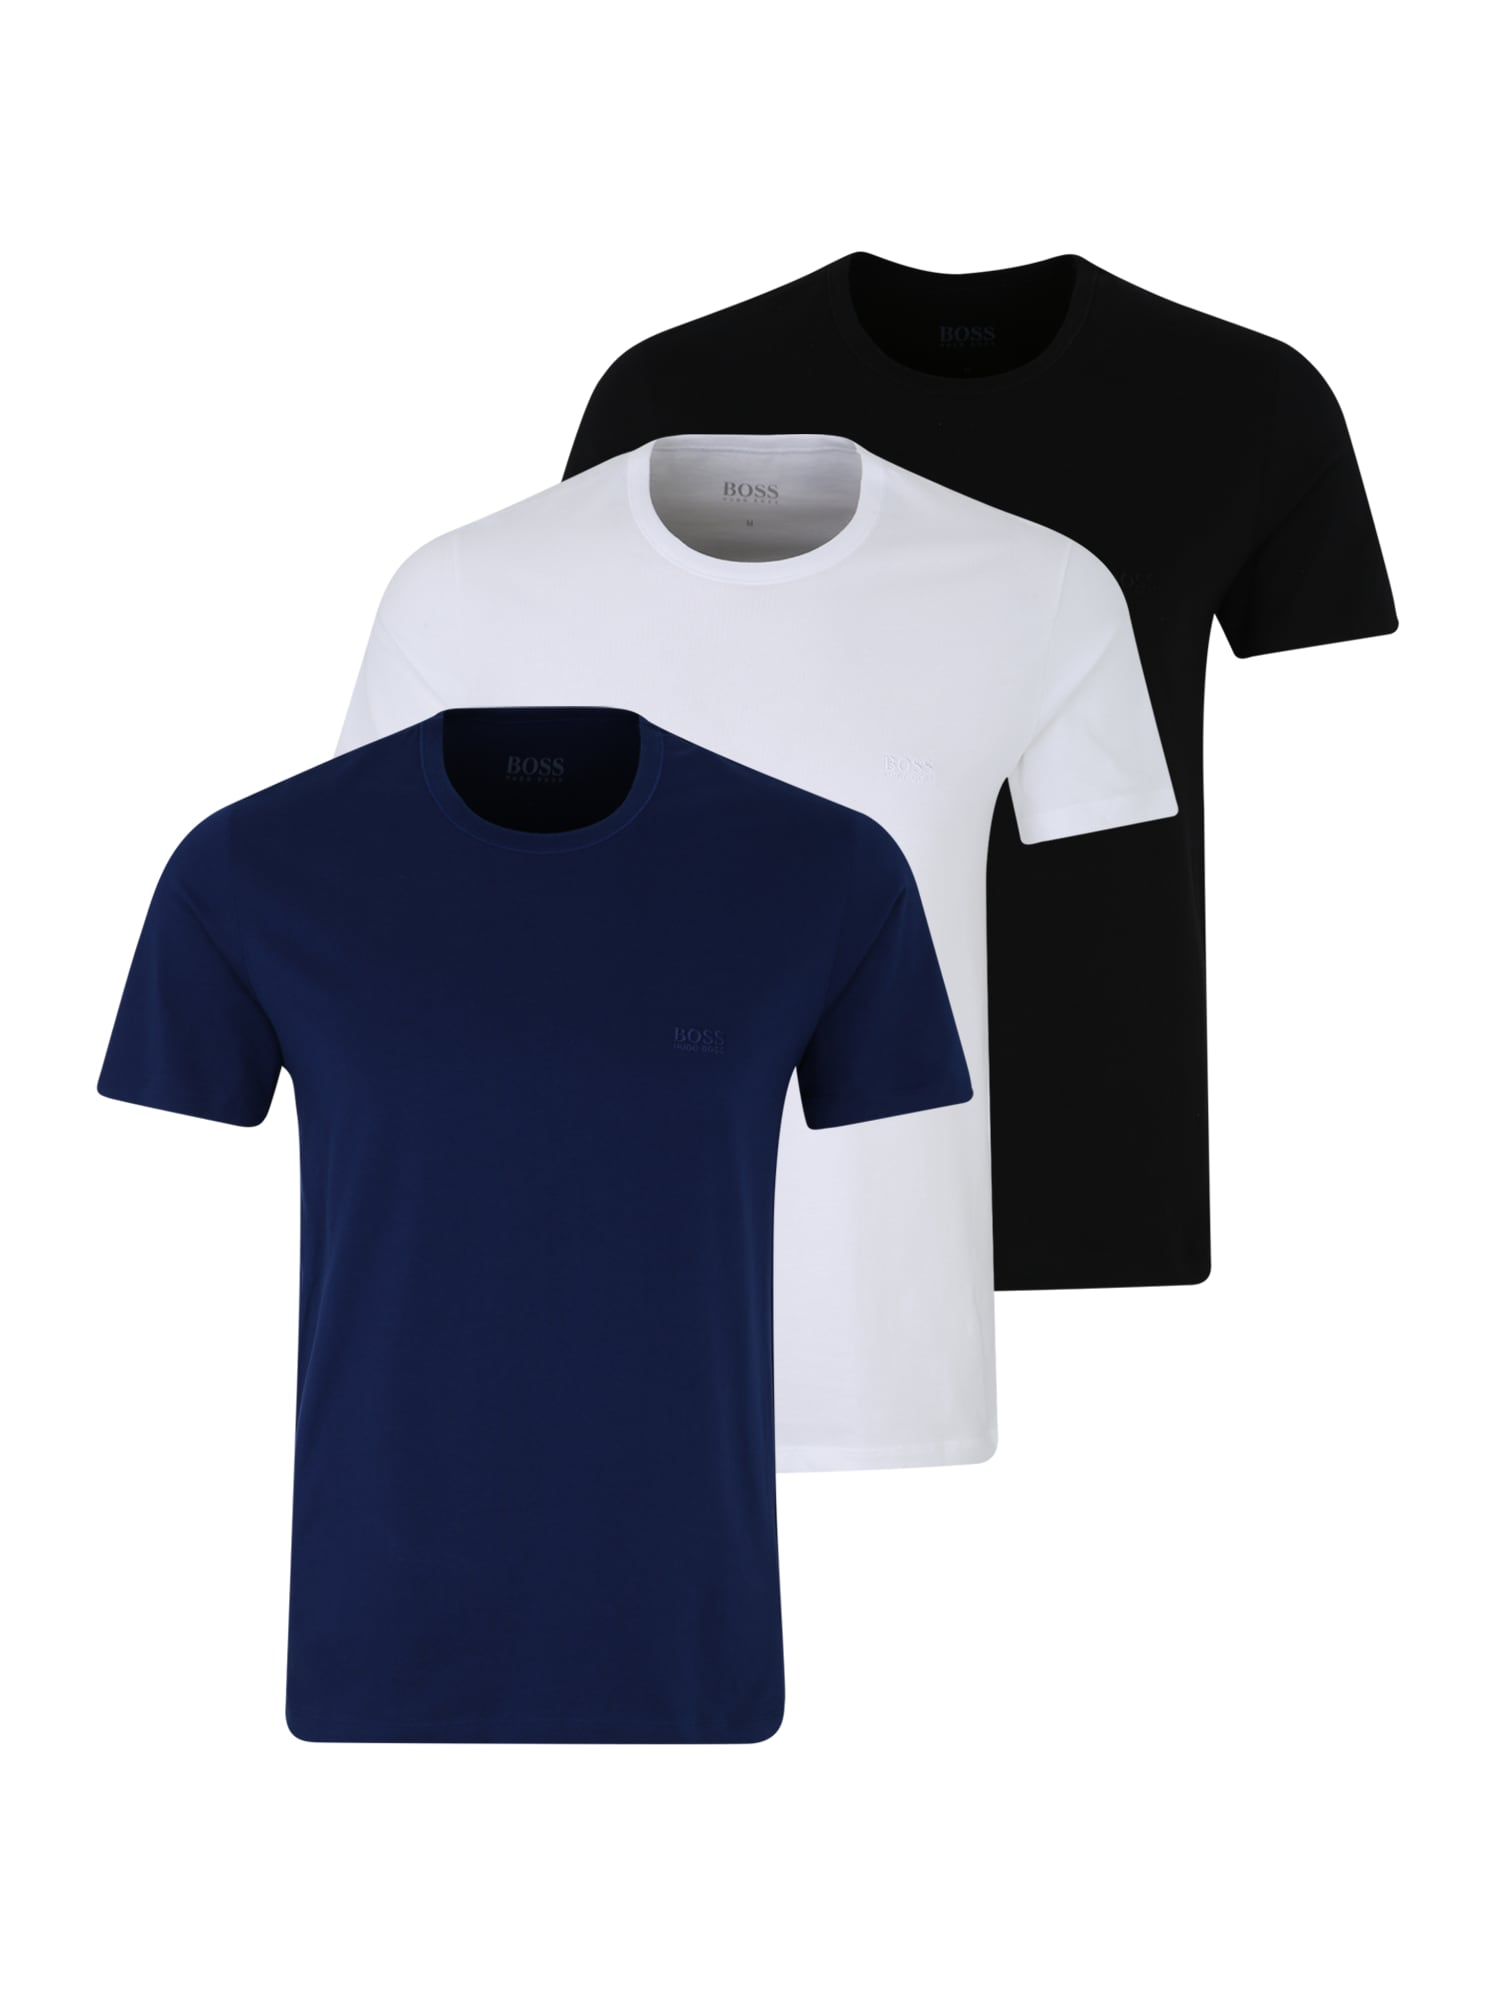 Tílko T-Shirt RN 3P modrá černá bílá BOSS